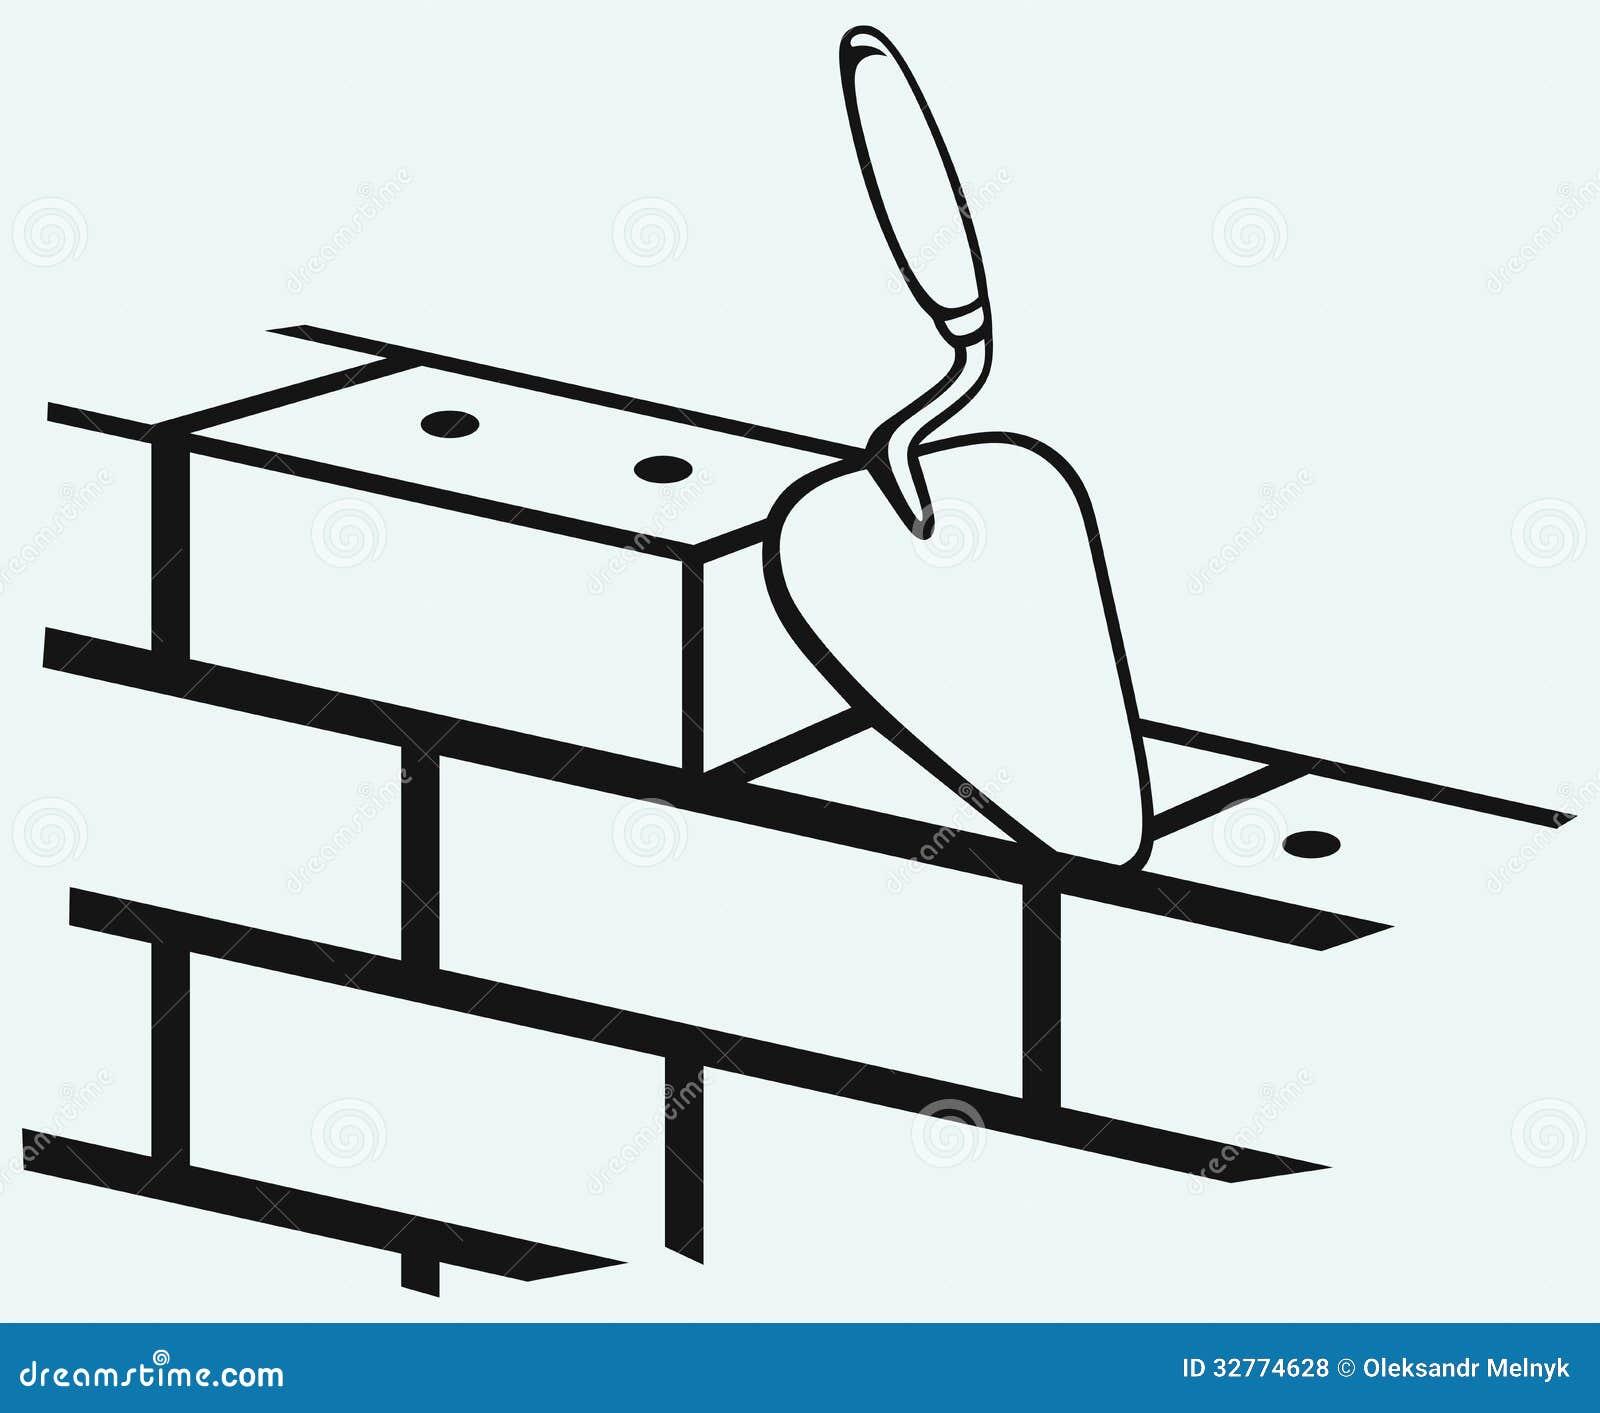 concrete trowel clip art